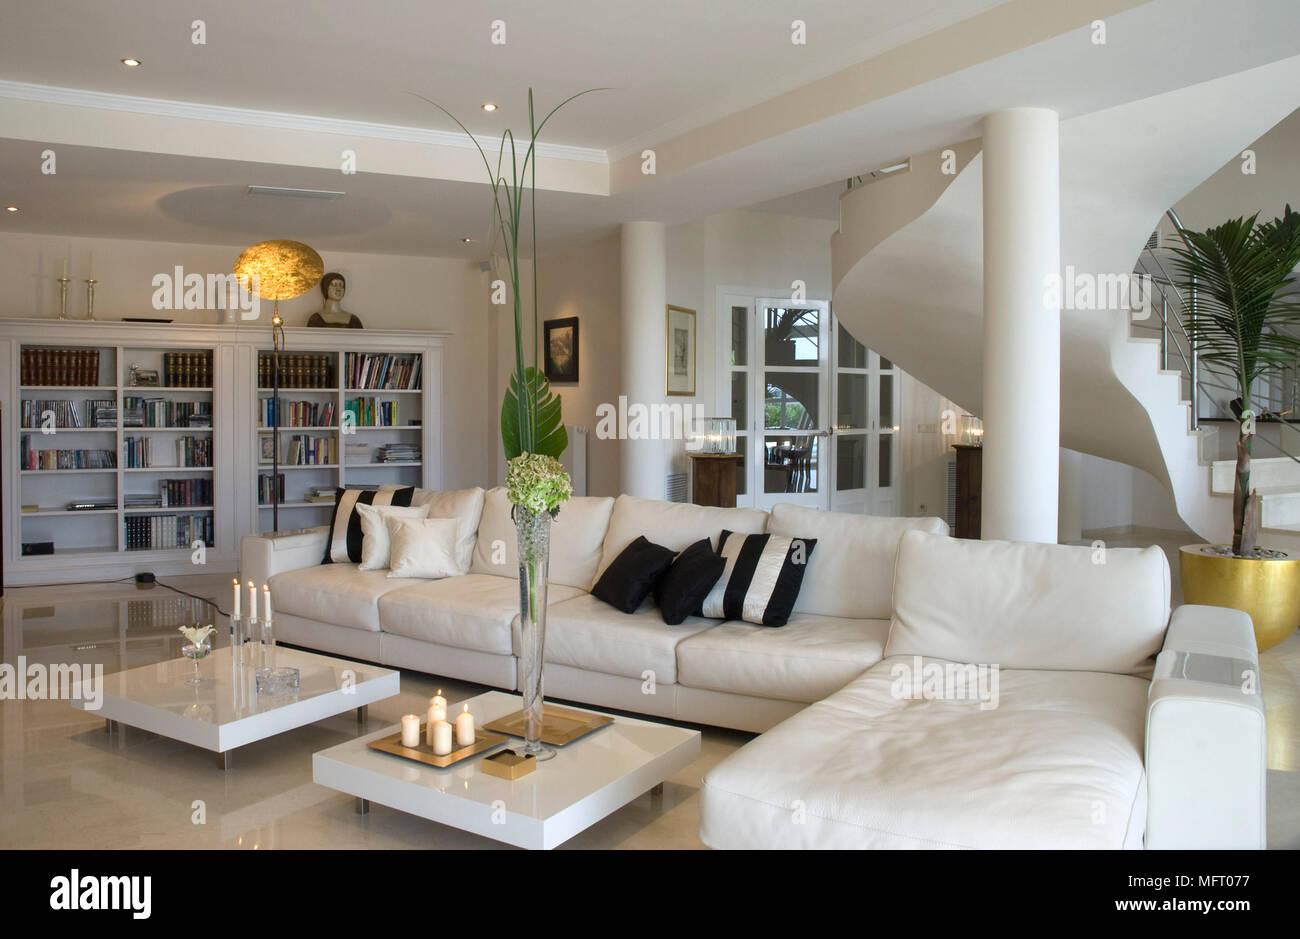 Niedrige Tische vor der L-förmigen Sofa in moderne Wohnzimmer ...